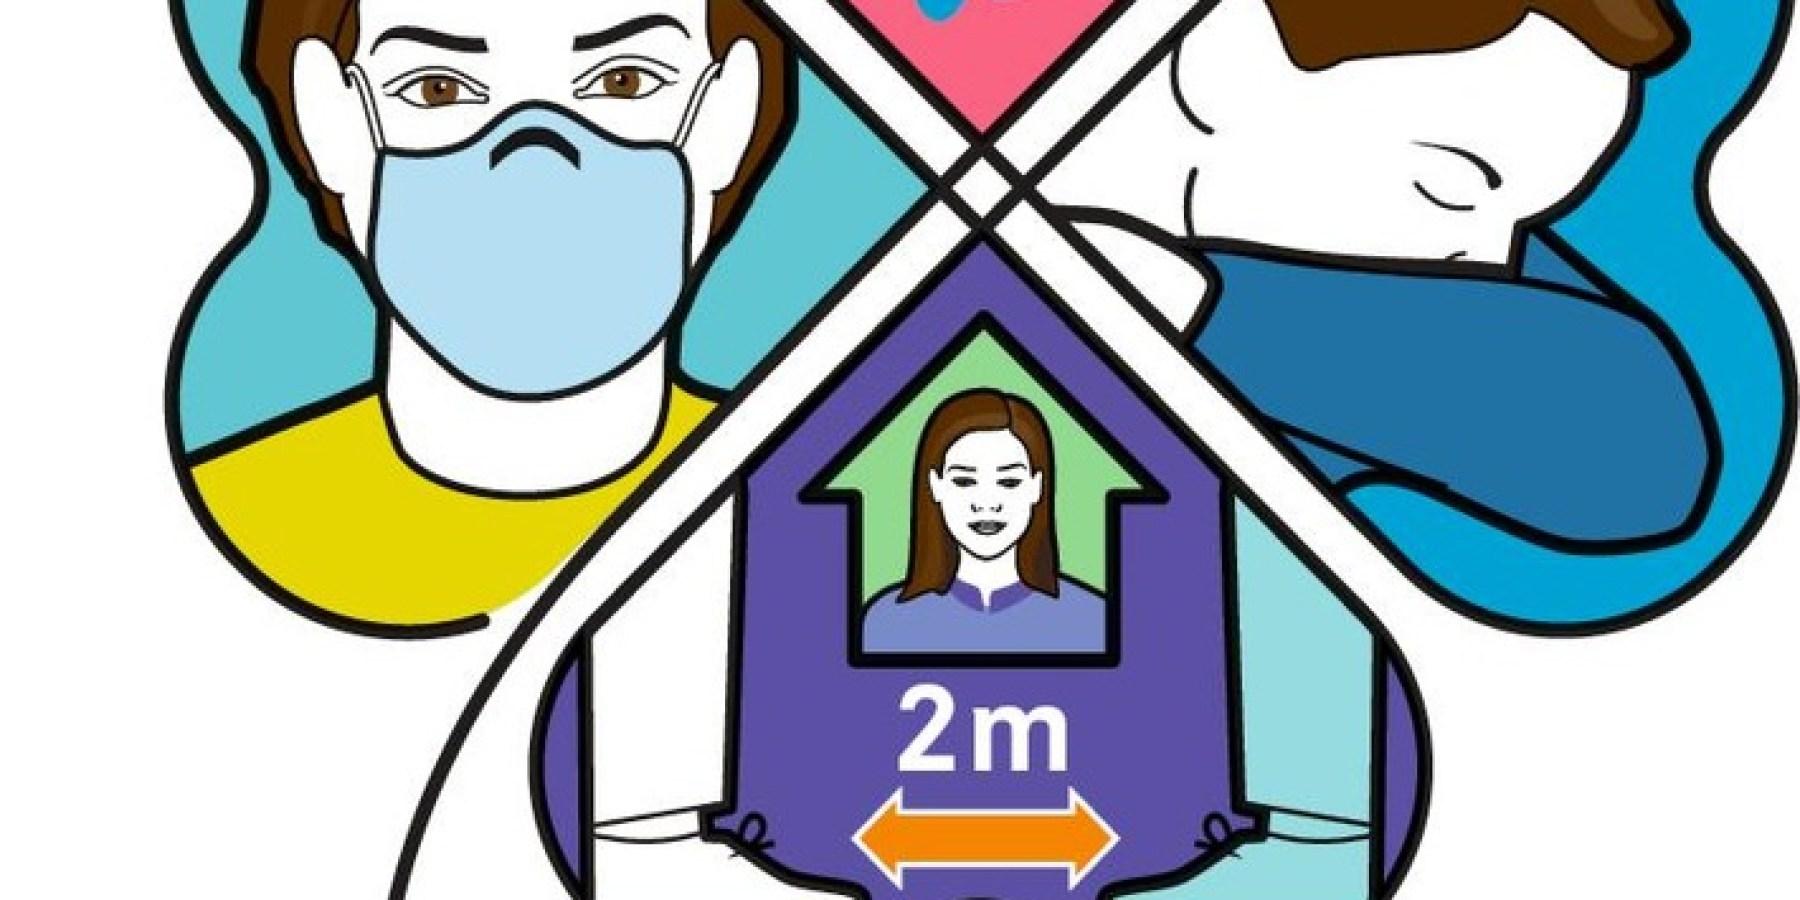 Kleeblatt-Kampagne: Vier Regeln für die Corona-Zeit schützen die Gesundheit